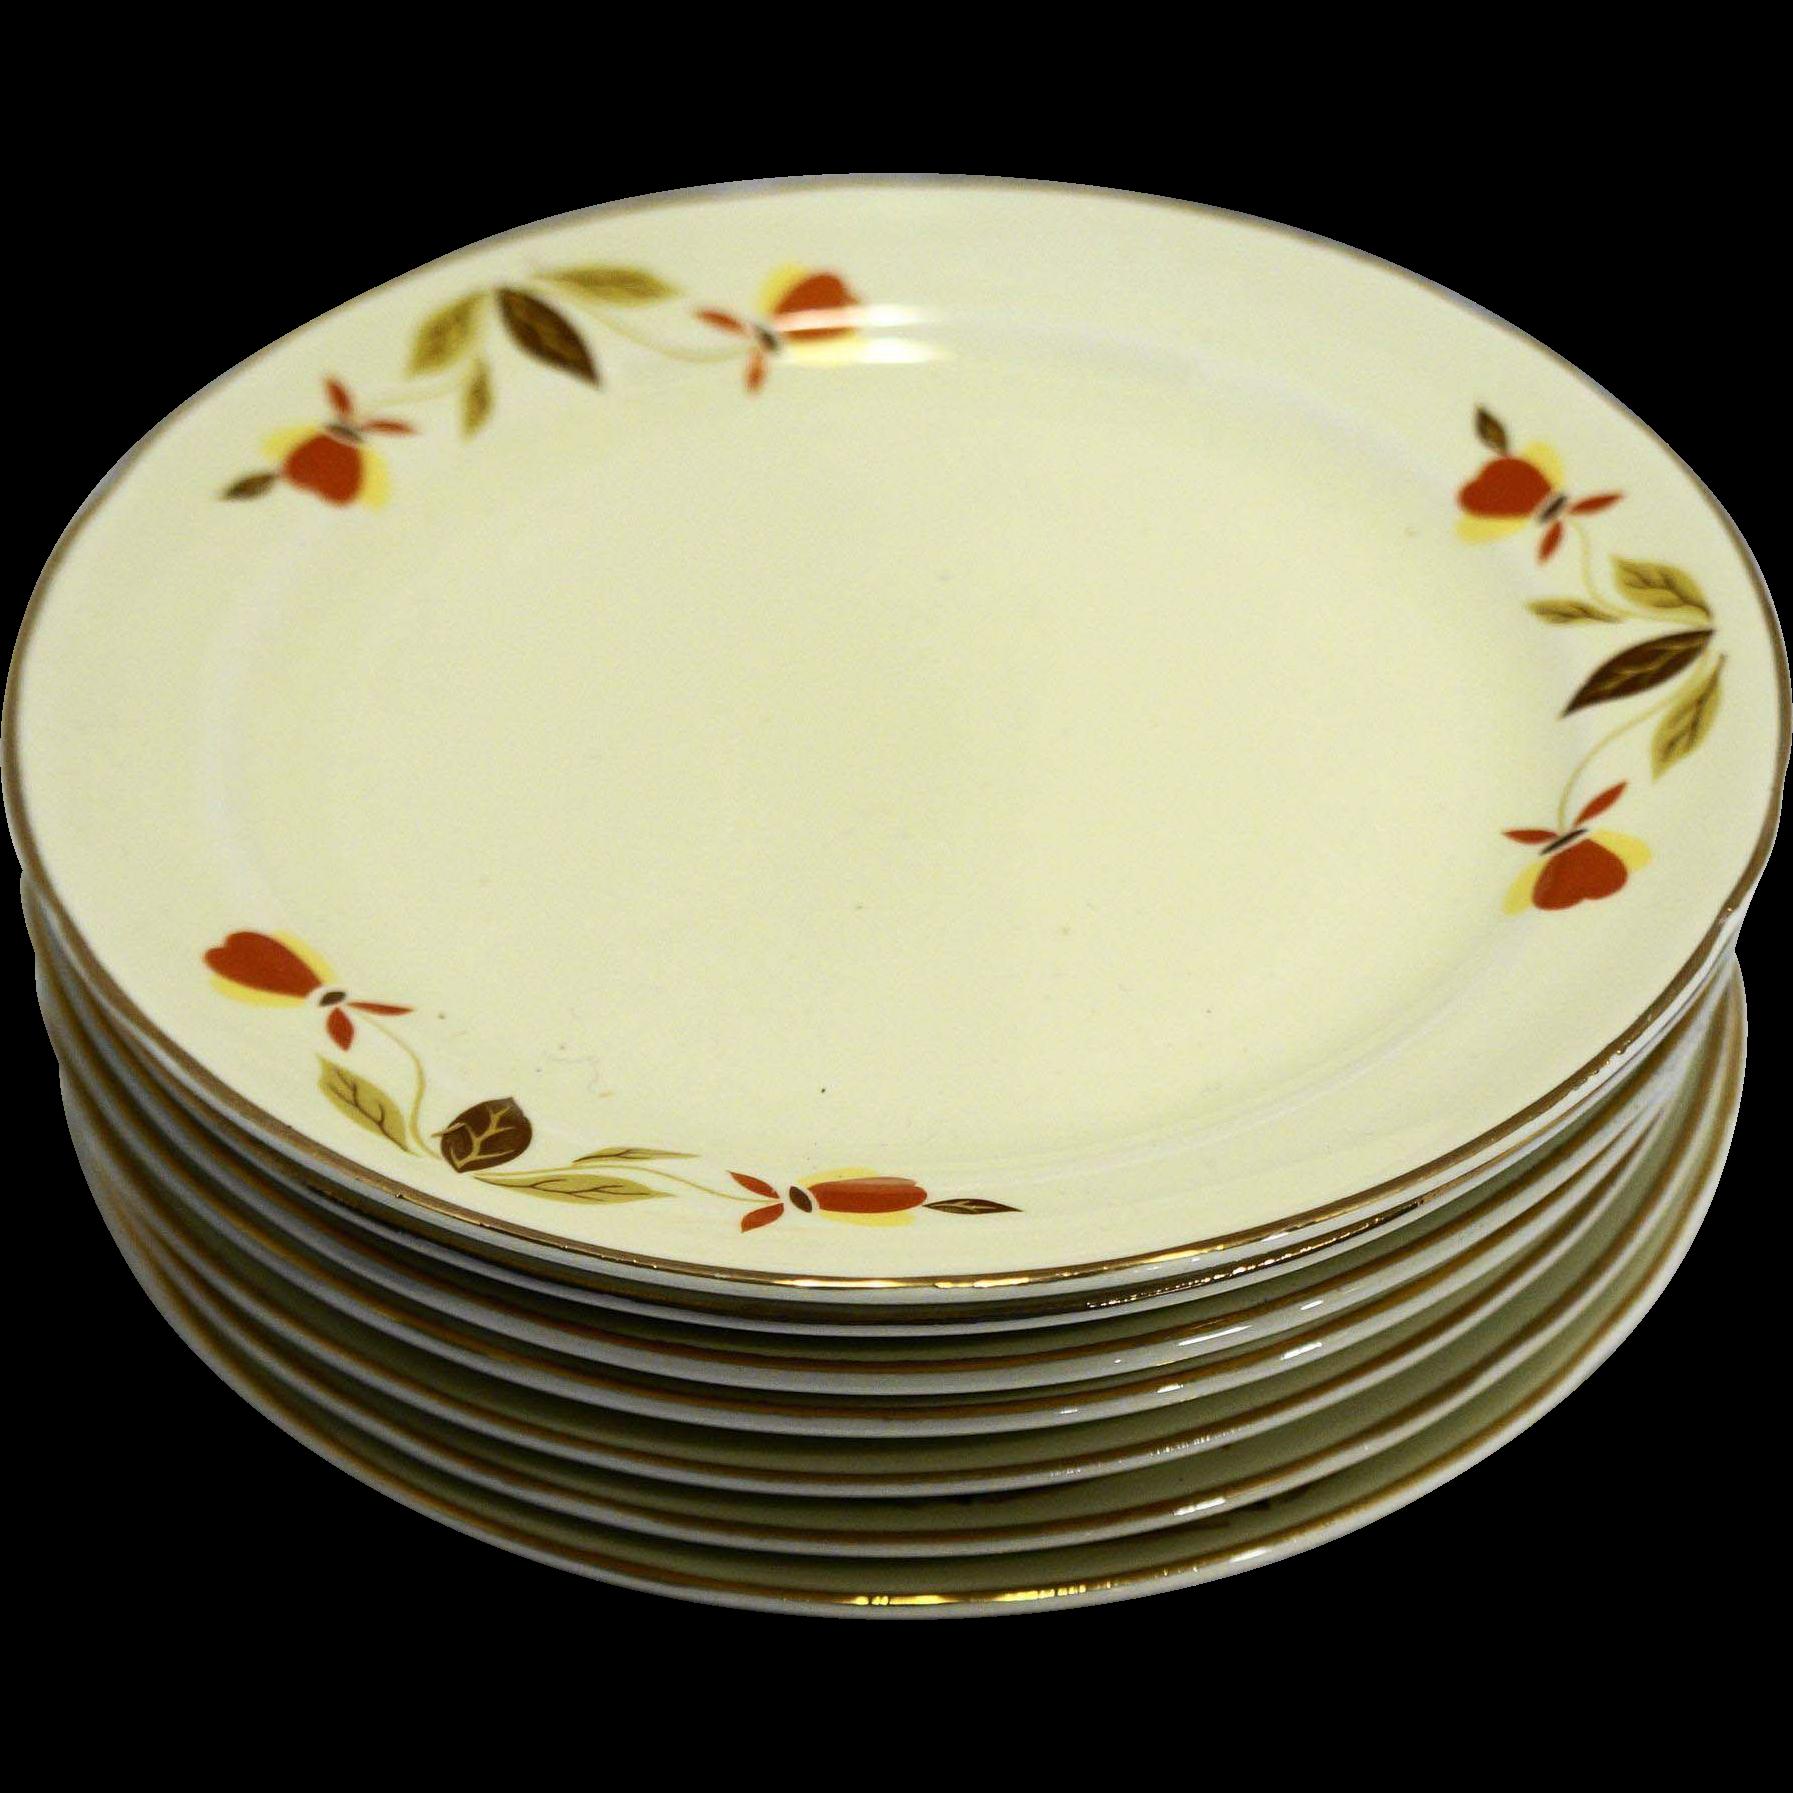 Hall Autumn Leaf Jewel Tea Bread Butter Plates Set of 7